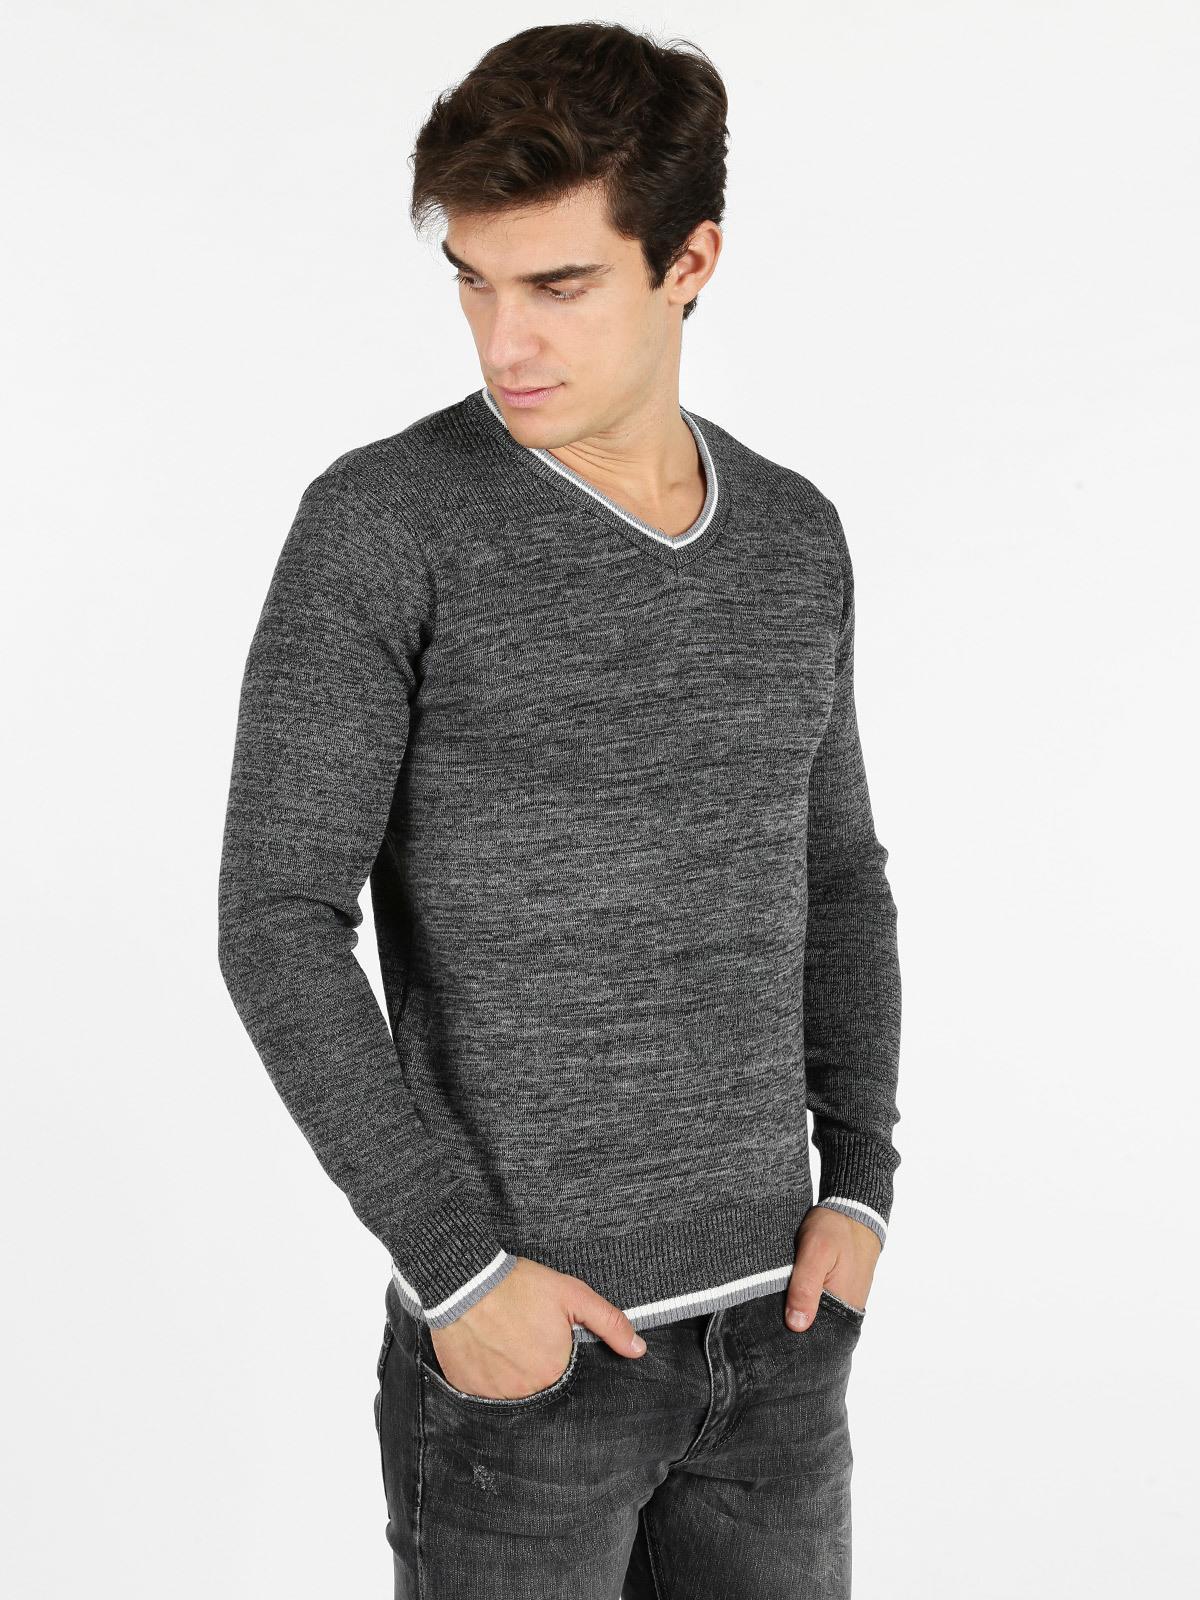 zapatos deportivos 86eae 34fe9 Suéter con cuello en v de mezcla de lana hombre | MecShopping